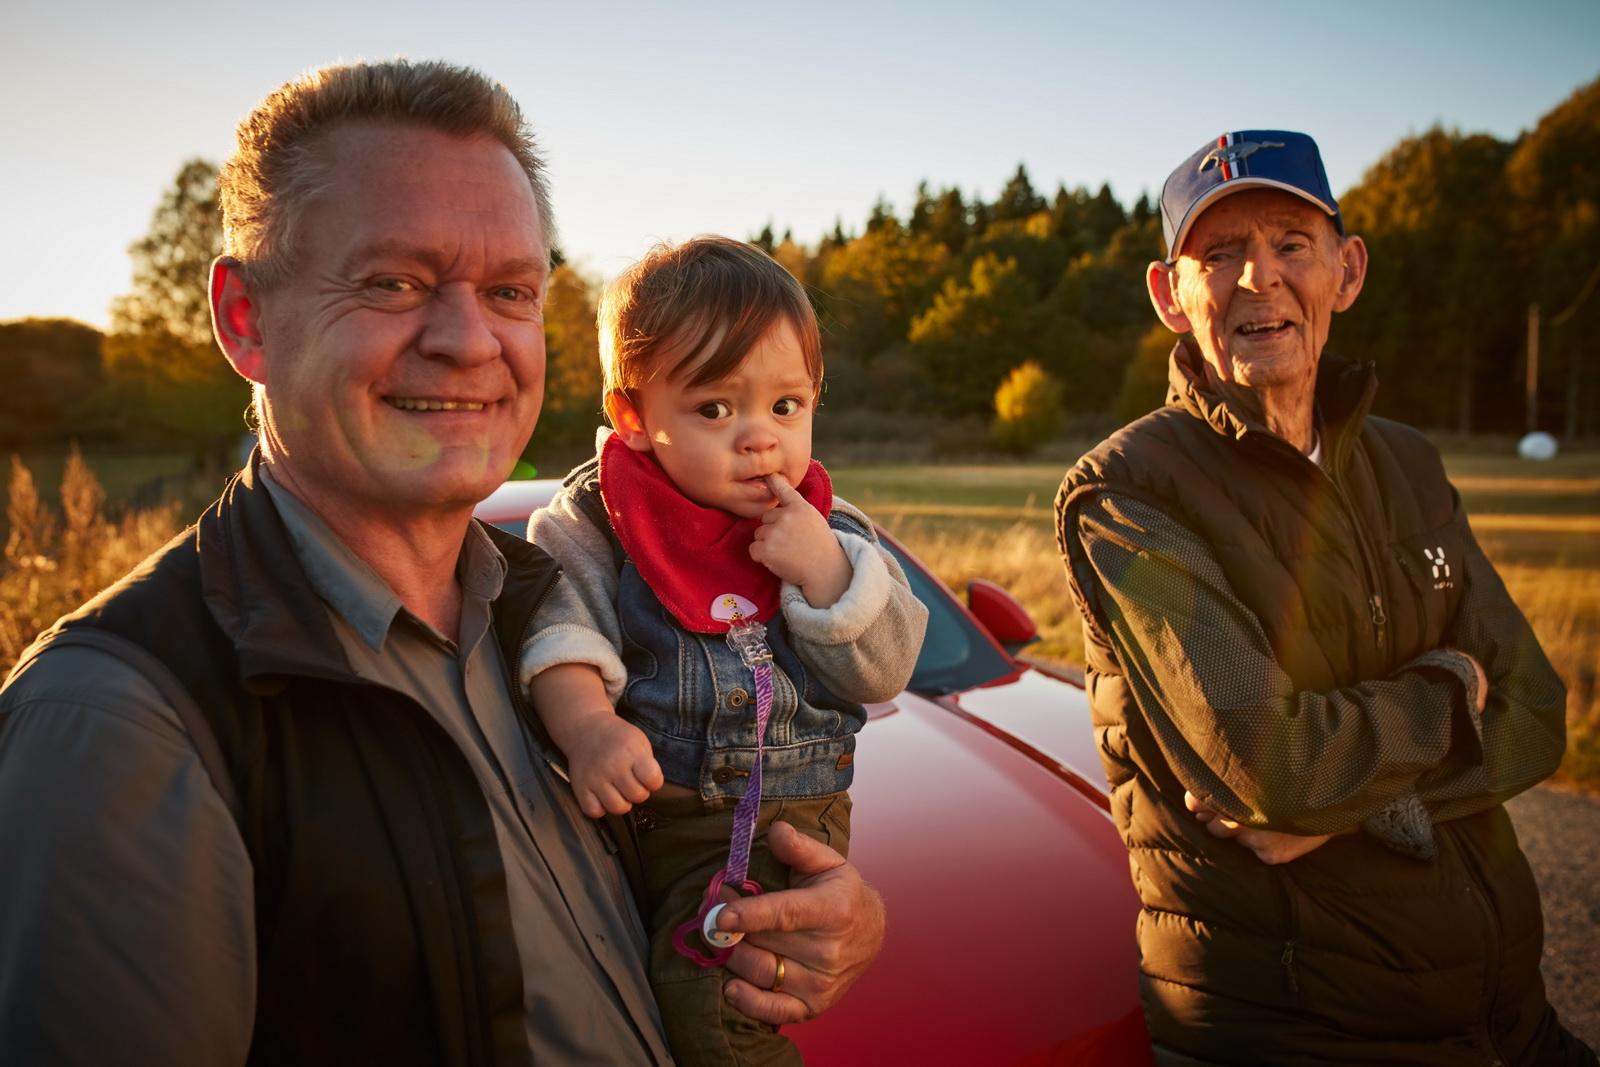 kakek-97-tahun-pemilik-ford-mustang-v8-dan-anaknya